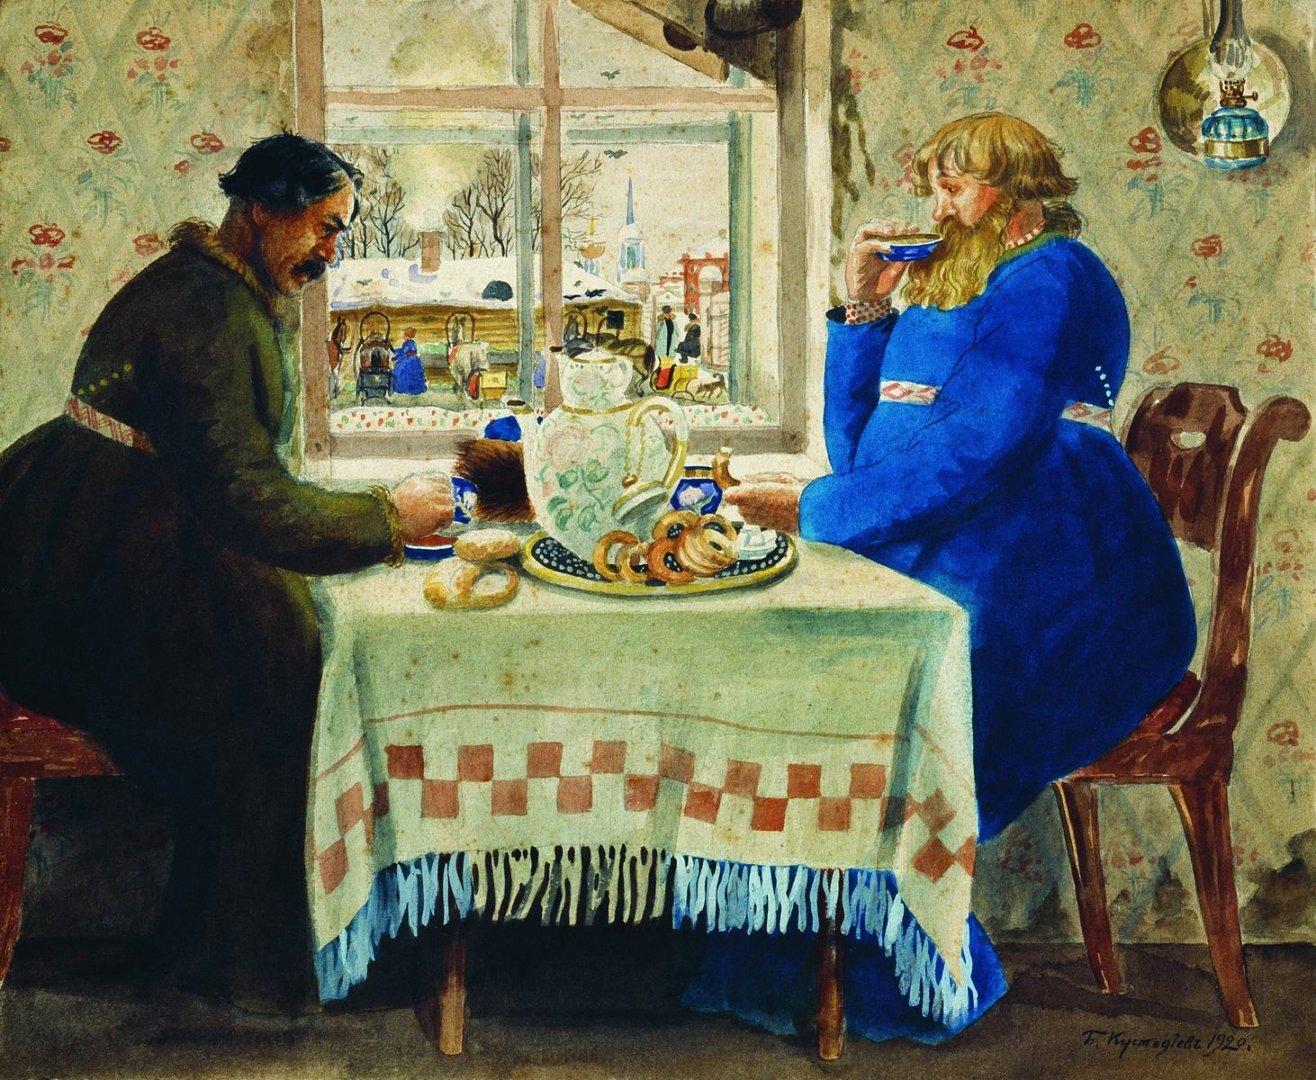 Чайный стол Кустодиева. Извозчик в трактире Медиапроект s-t-o-l.com